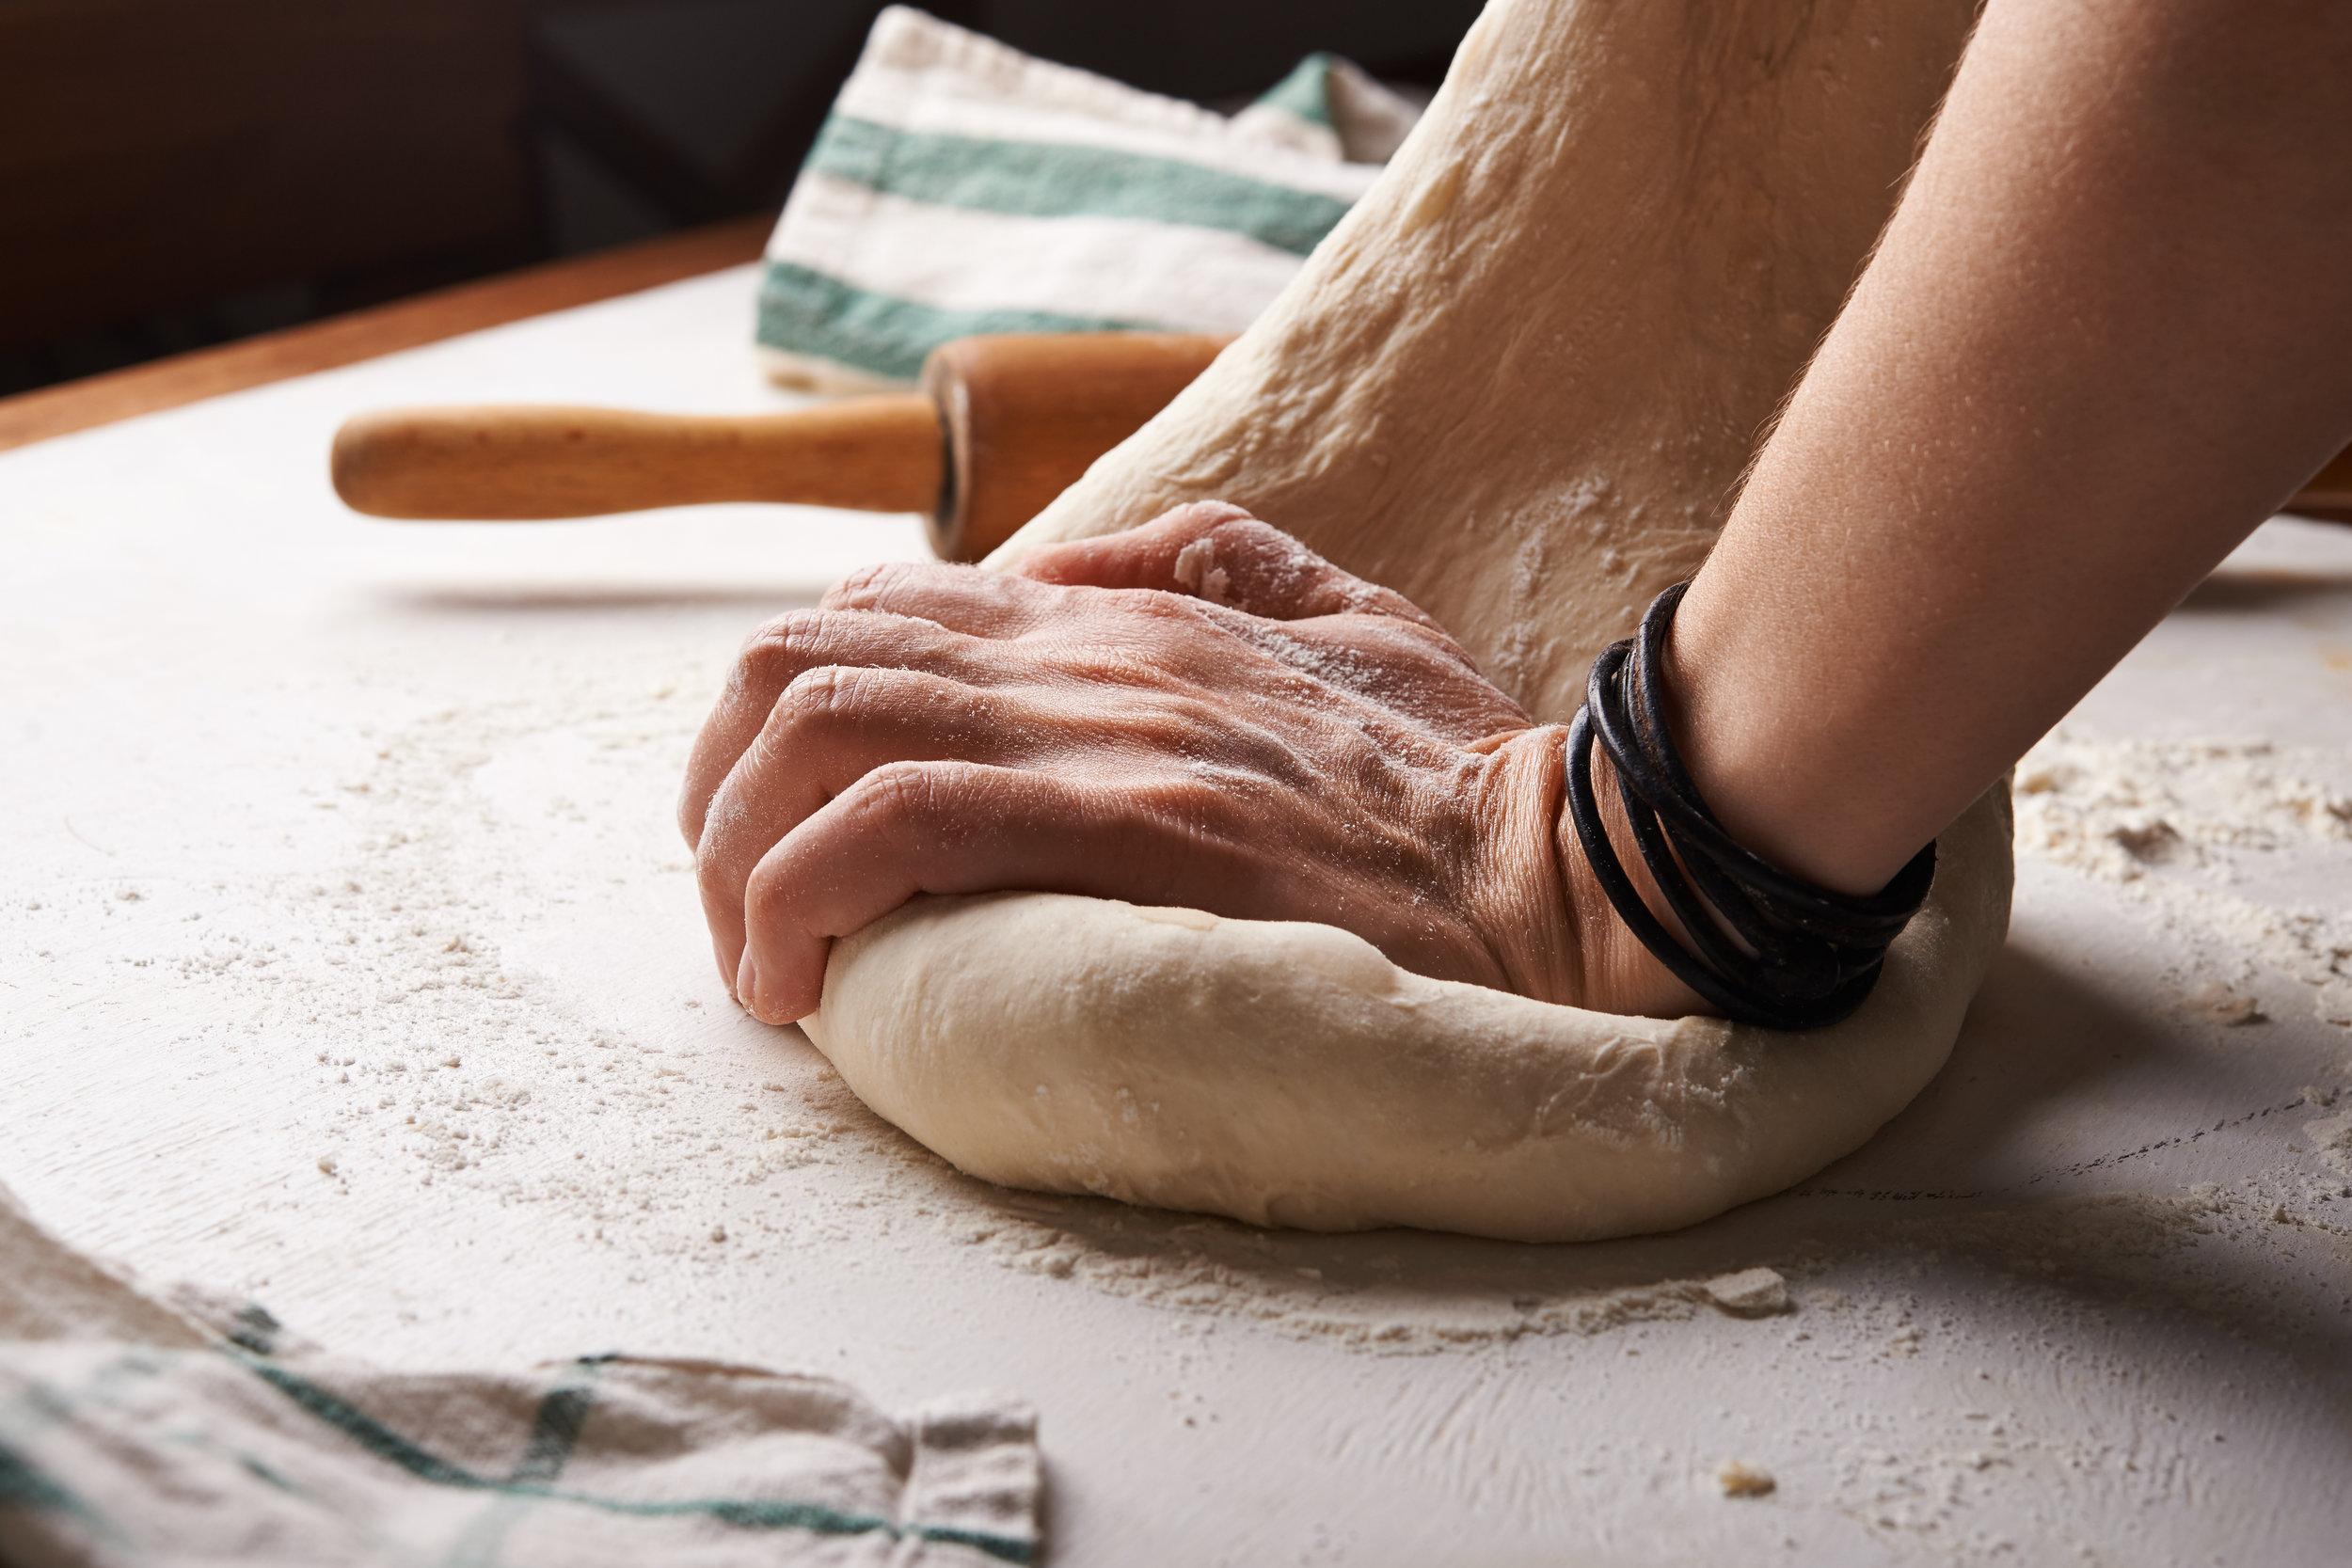 En deux (ou trois) tours de main ! - Ce qu'on appelle la nourriture regroupe un certain nombre de choses. Il existe des nourritures immatérielles. N'avez-vous pas remarqué que lorsque vous vous sentez heureux, utile, stimulé, léger ... vous ne pensez plus à votre pause sucrée de l'après-midi alors que vous l'attendez avec impatience lorsque vous vous sentez frustré ??Cuisiner, créer, façonner de ses mains peut être tout aussi nourrissant que de manger un petit quelque chose. Lorsqu'on cuisine, notre envie de manger, voire même notre faim peut se réduire, comme si l'observation visuelle, les gestes, les odeurs nous avait nourri.